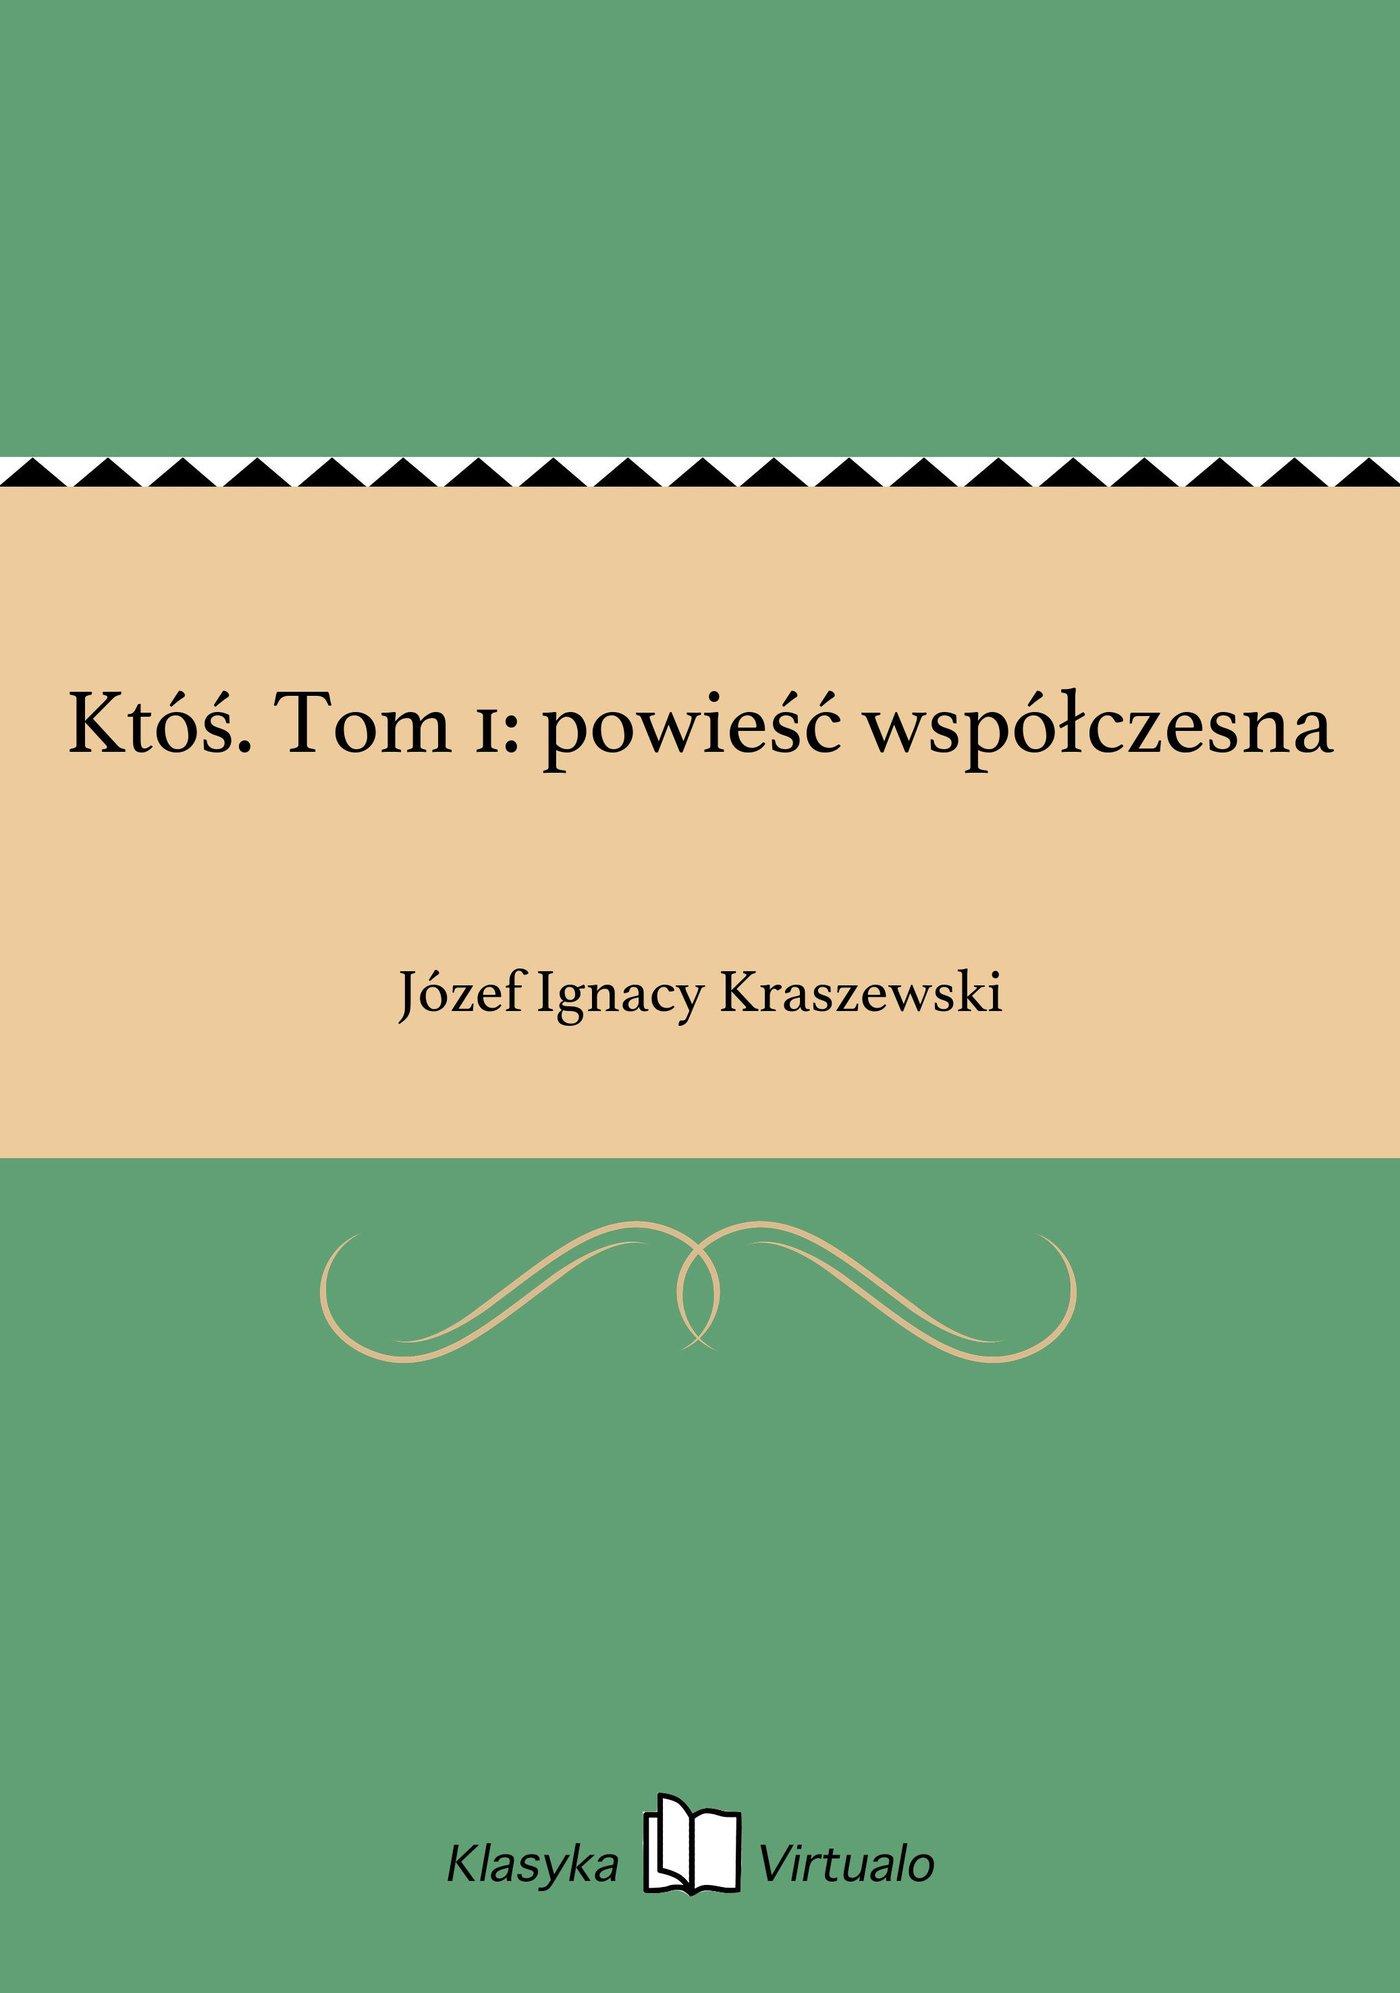 Któś. Tom 1: powieść współczesna - Ebook (Książka EPUB) do pobrania w formacie EPUB